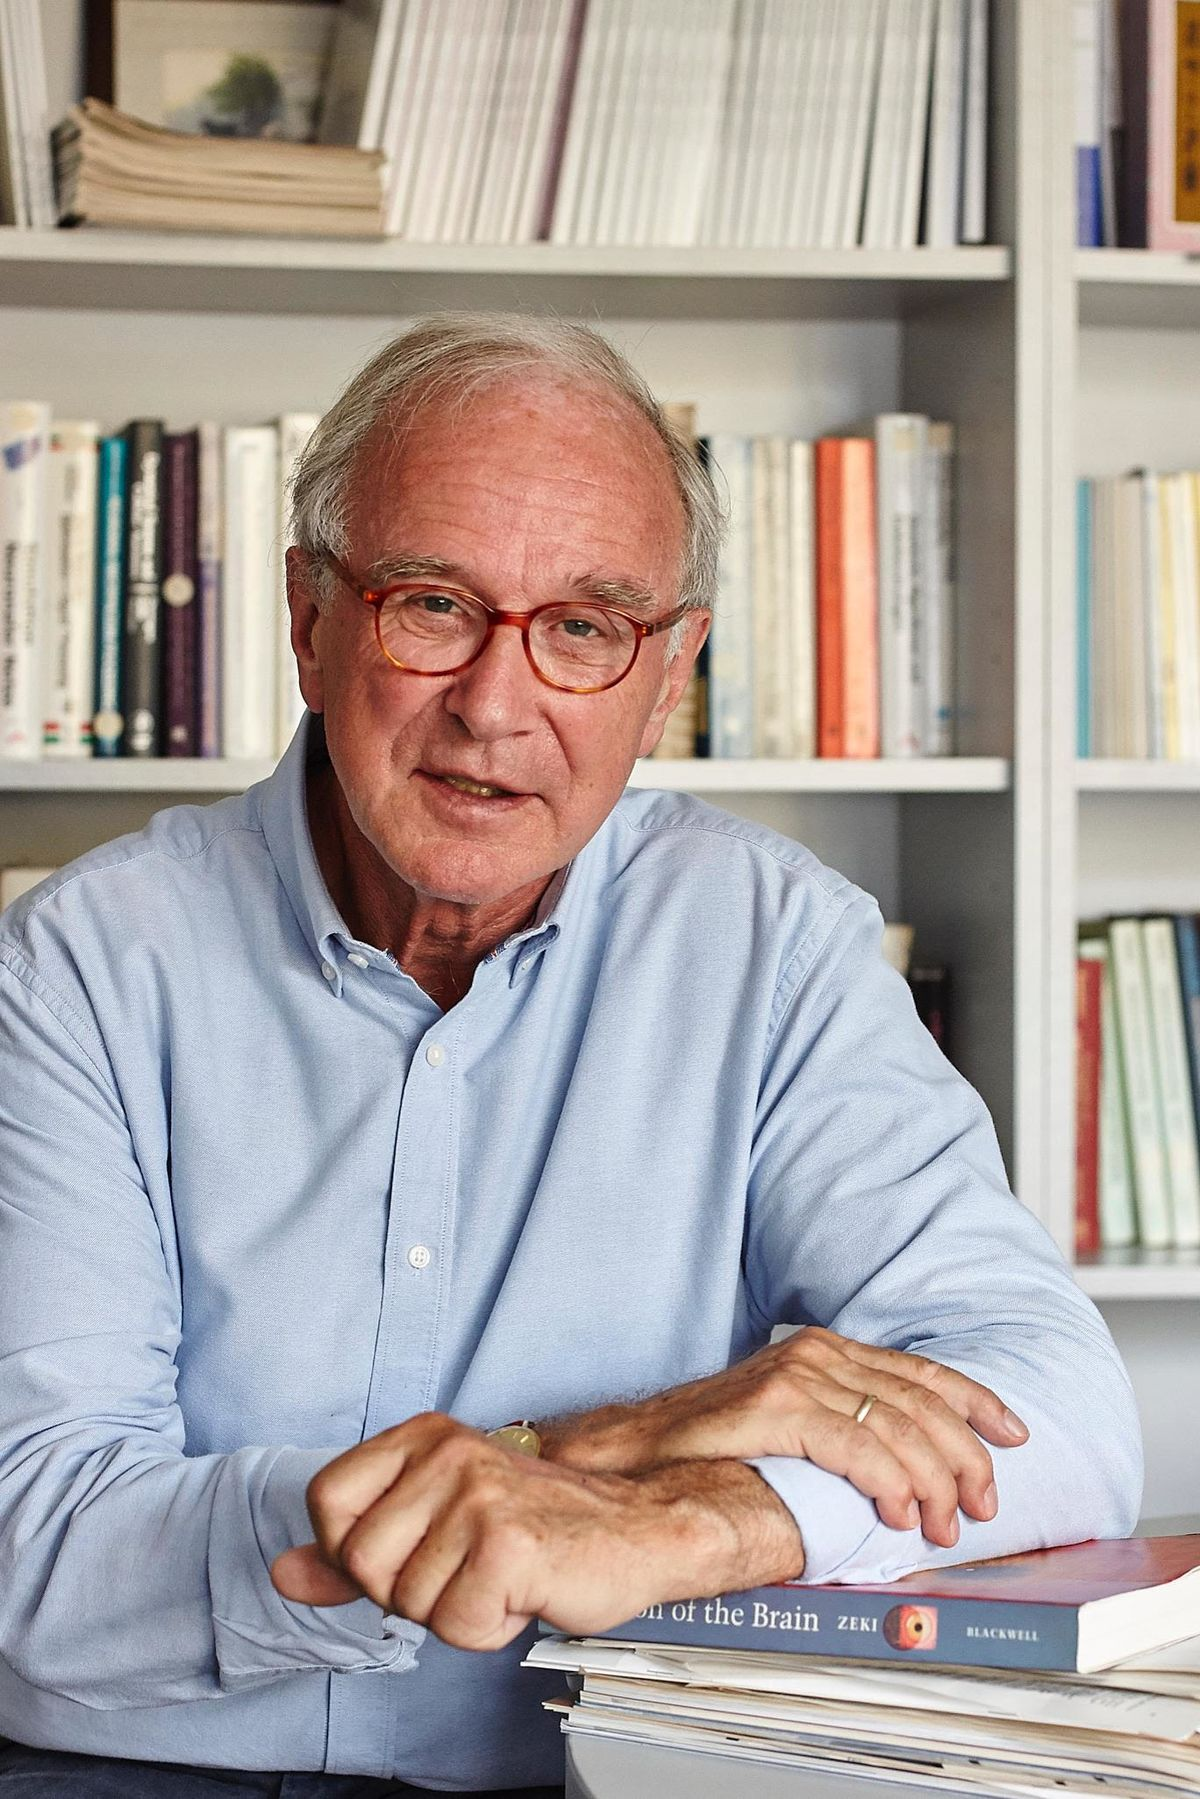 Christoph von der Malsburg, fizičar i neurobiolog te jedan od pionira AI-a s Instituta za napredne studije u Frankfurtu